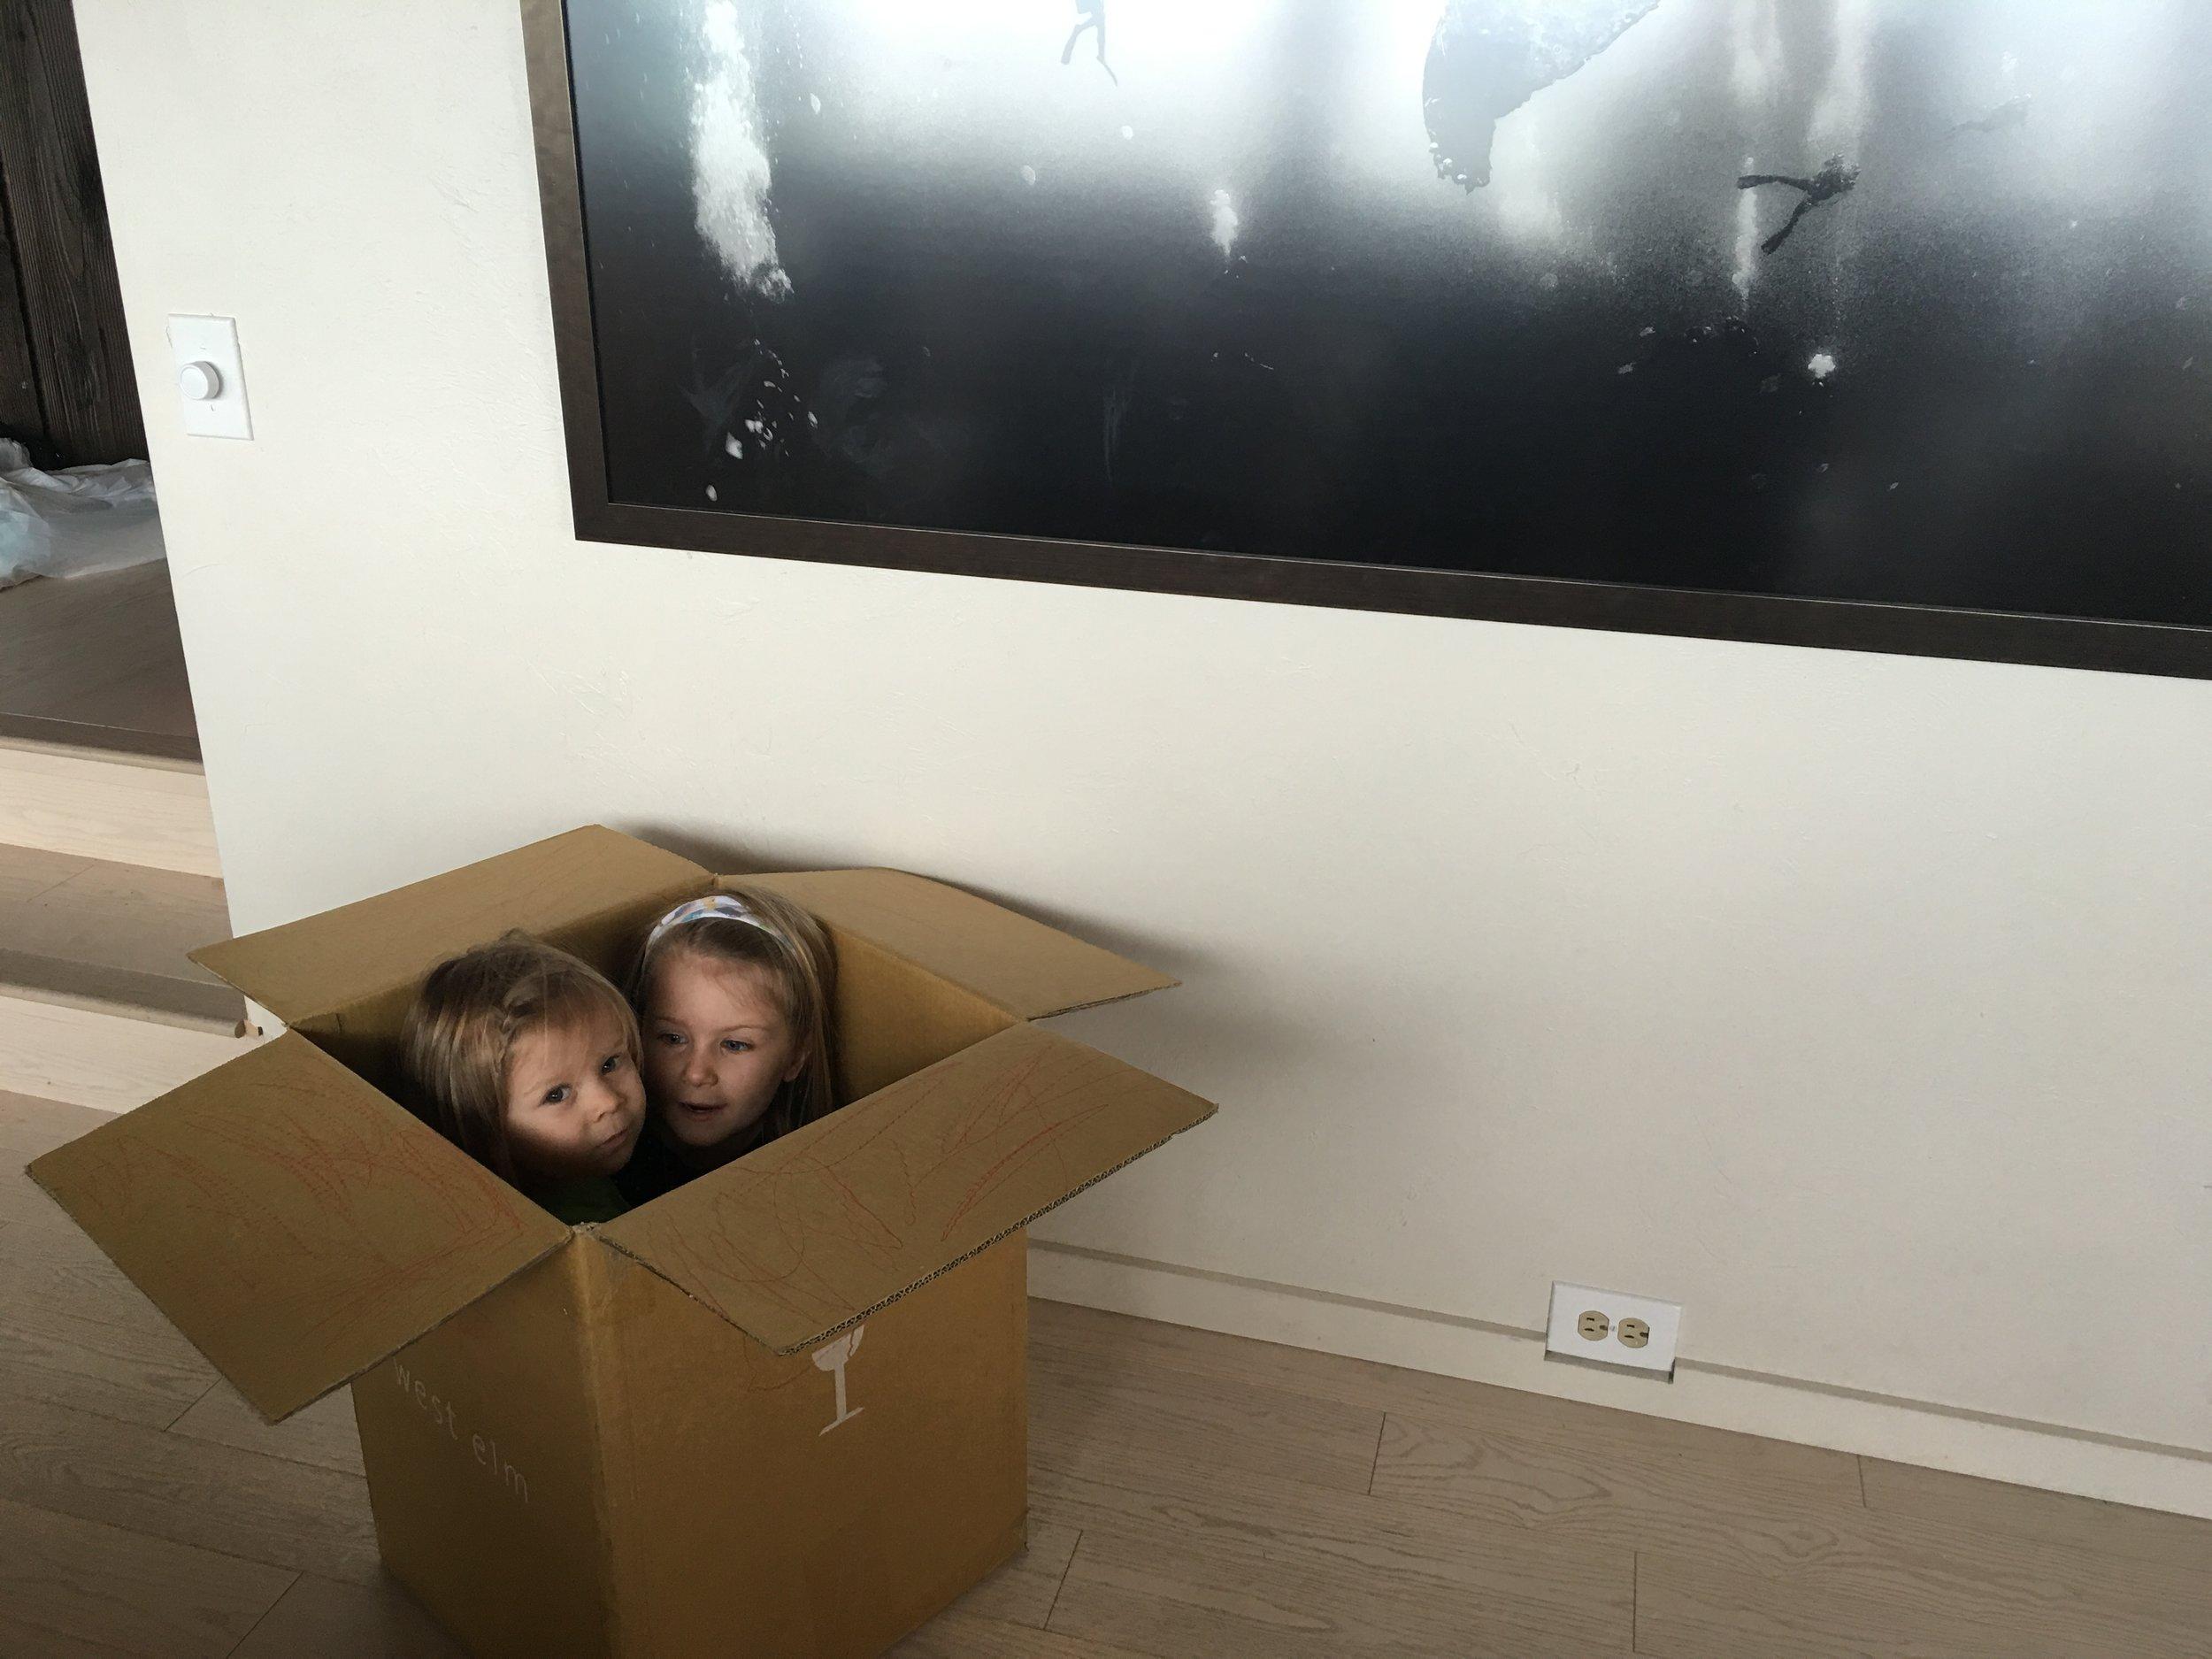 MovingtoBellinghamwithKids